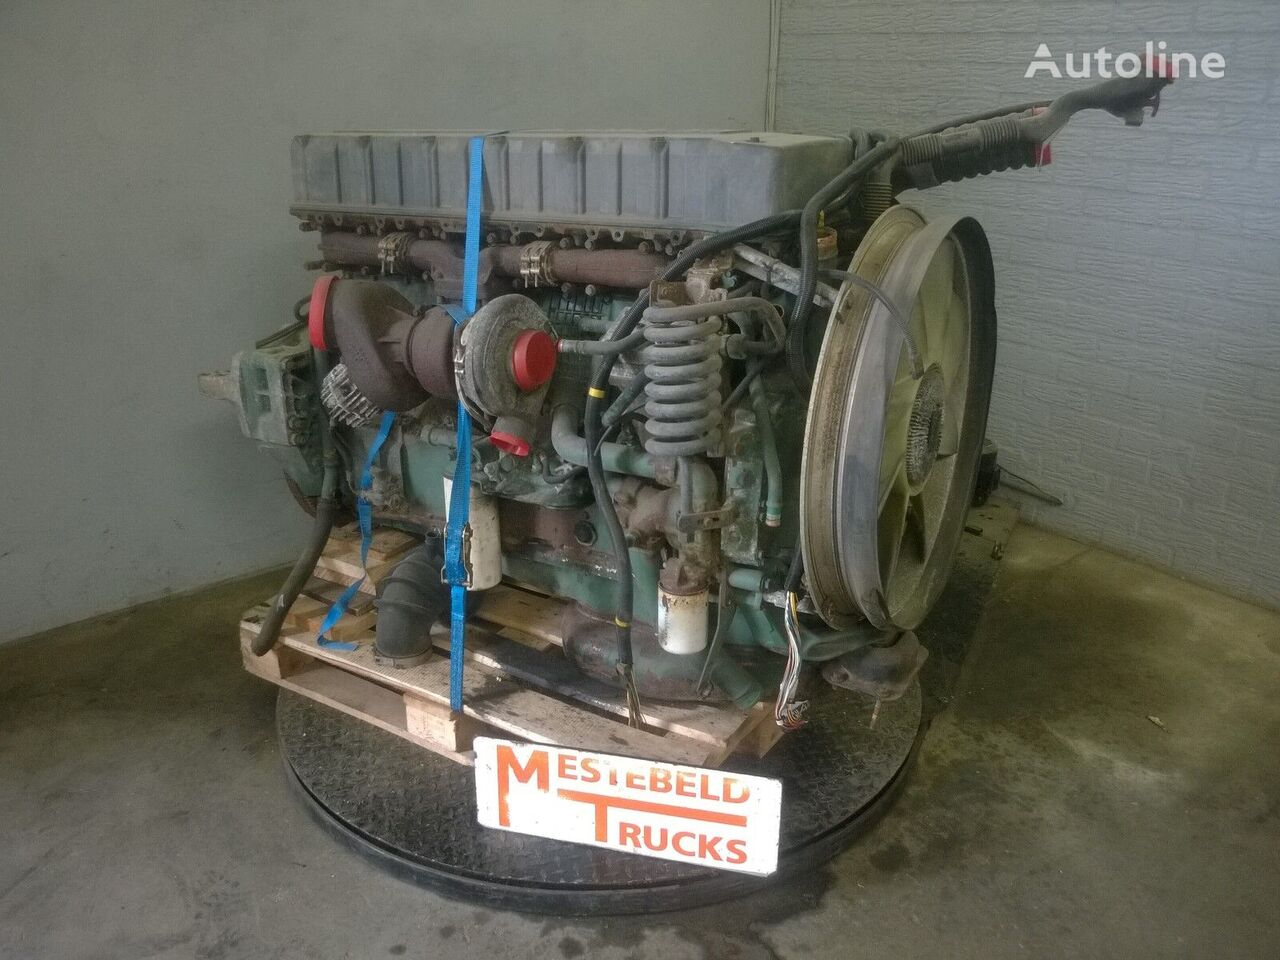 τράκτορας VOLVO Motor D12A 420 EC 93 για κινητήρας VOLVO D12A 420 EC 93